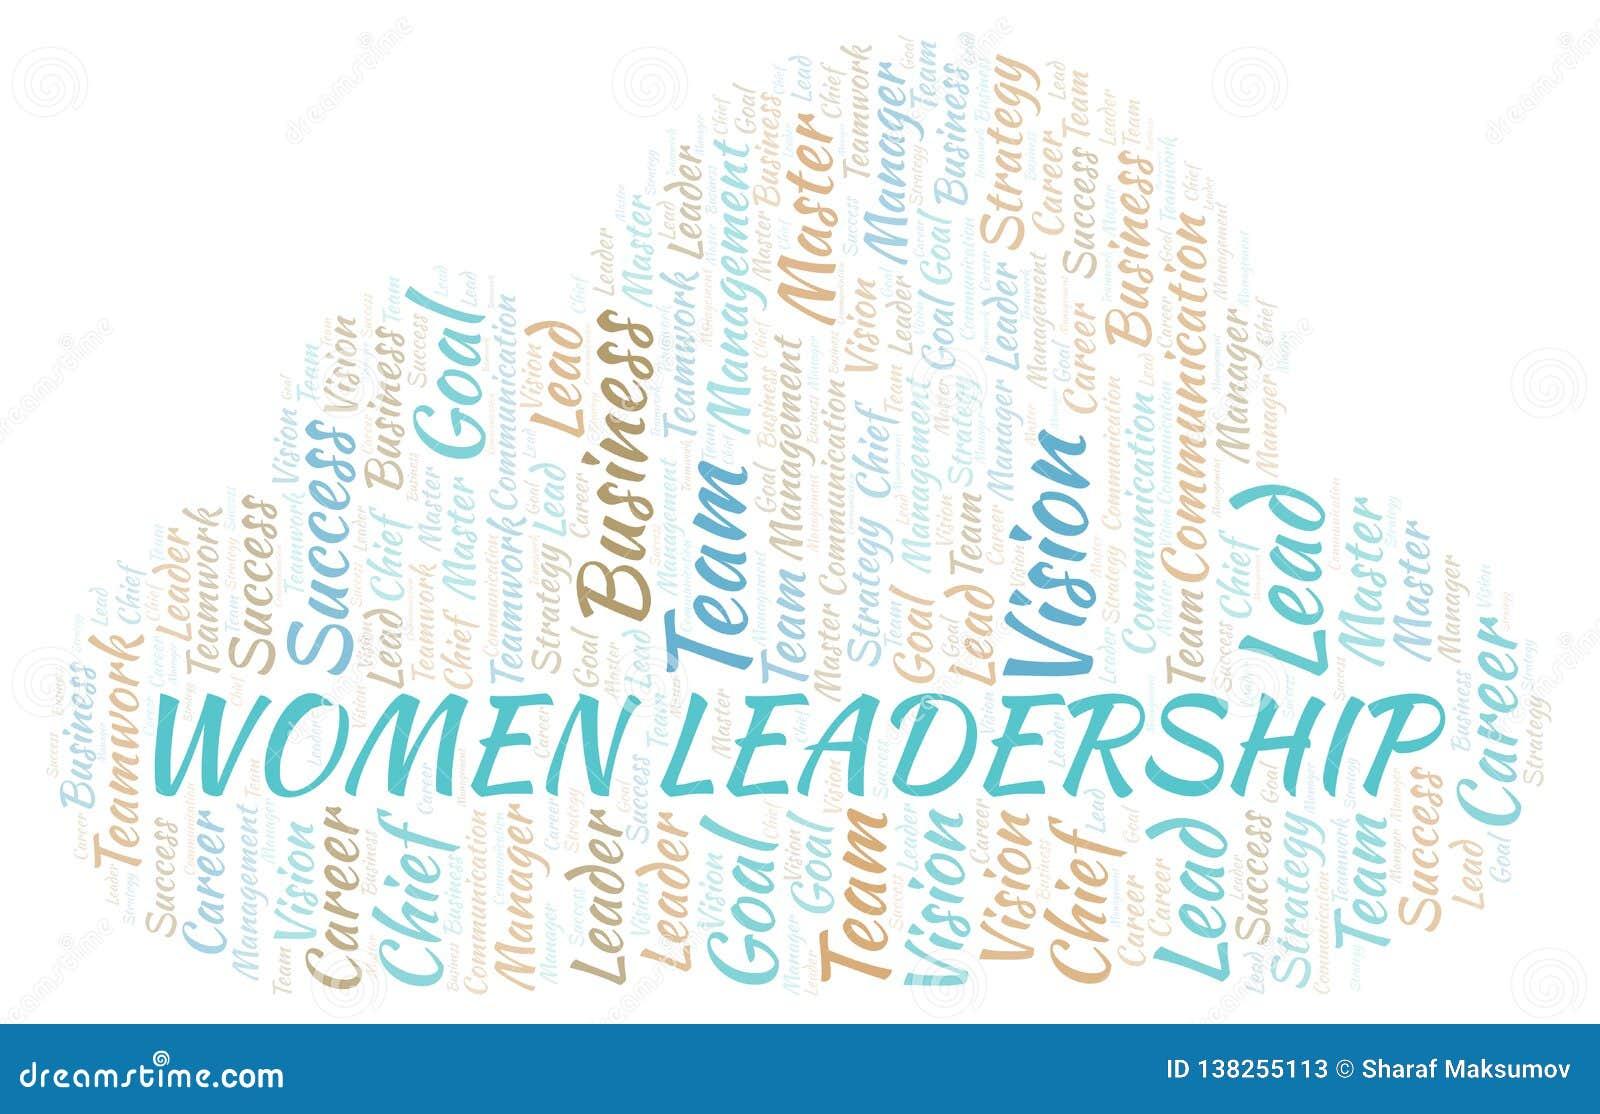 Kobiet przywódctwo słowa chmura